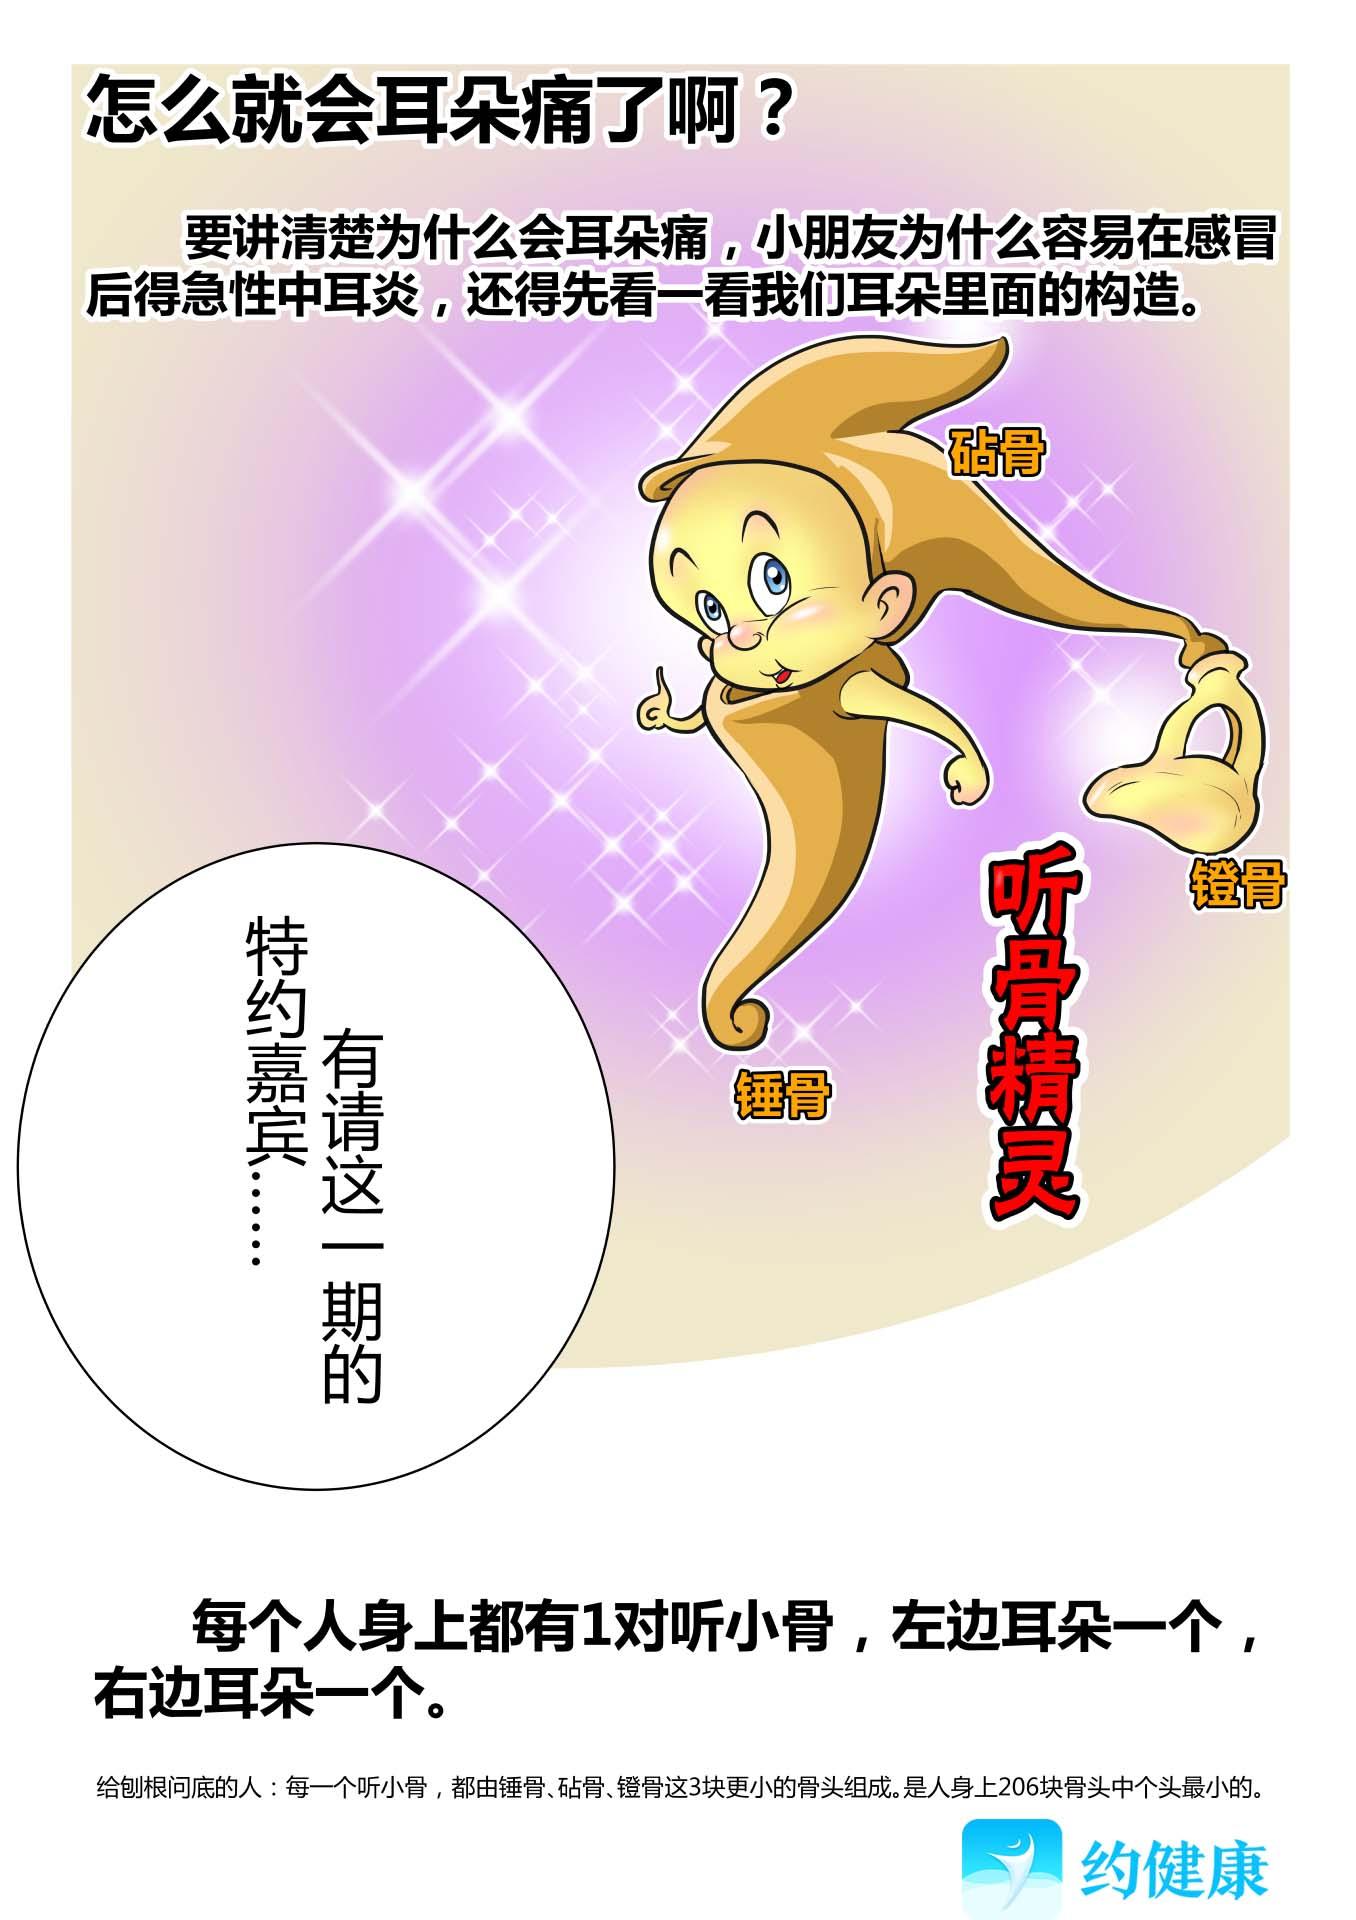 儿童急性中耳炎-人卫_003.jpg